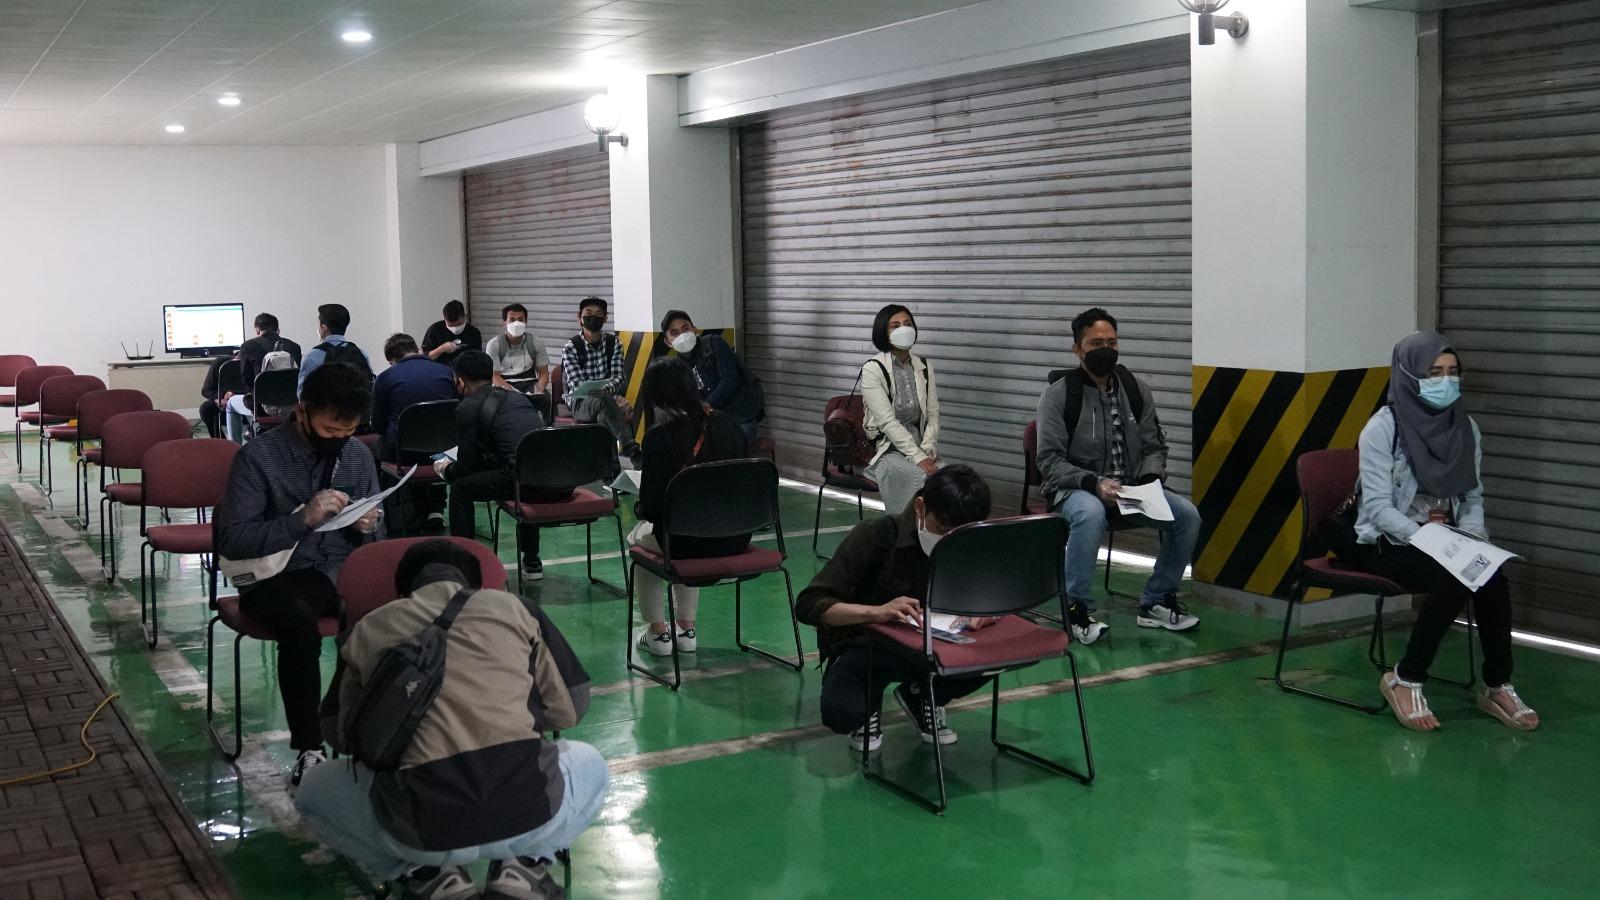 Adakan Pelayanan Di Hari Minggu Kbri Seoul Layani Setidaknya 133